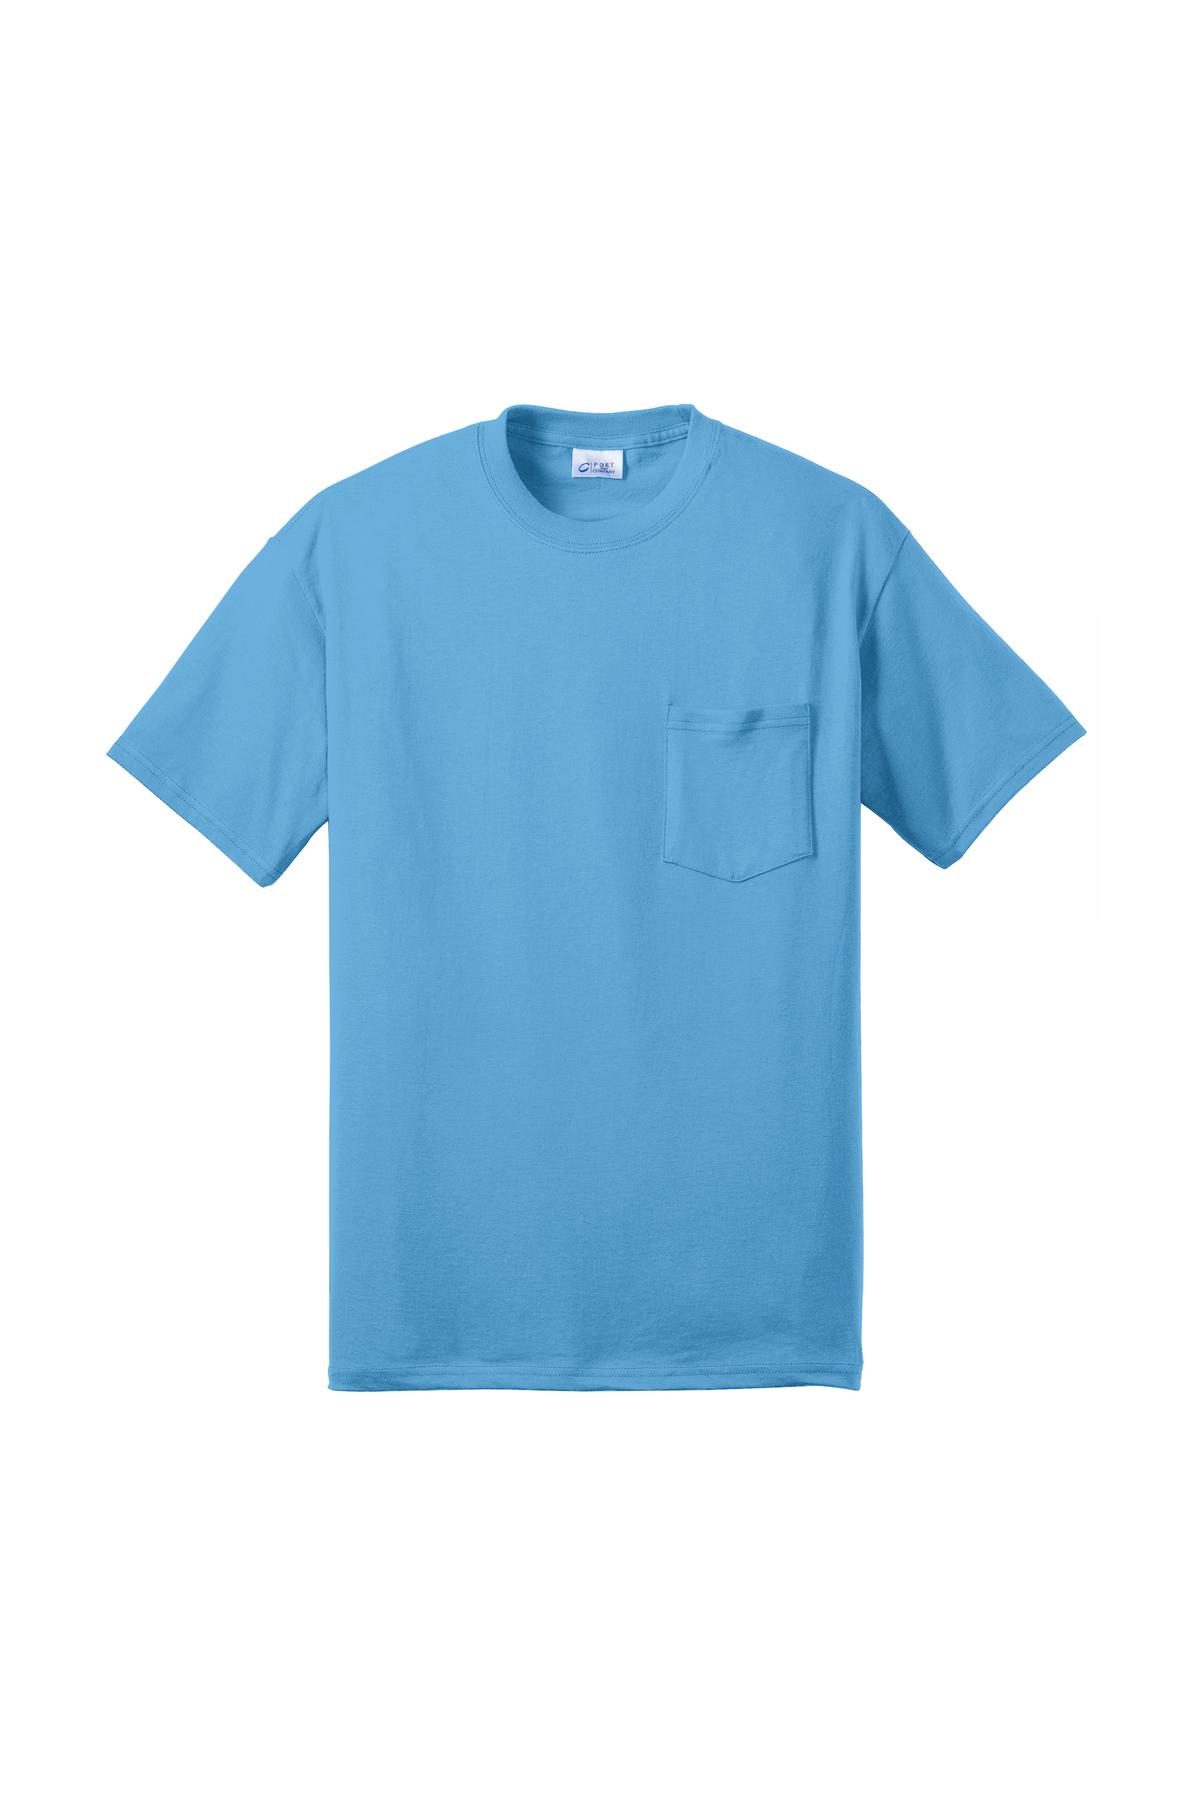 45196459e50a Port & Company® Tall Core Blend Pocket Tee | 50/50 Blend | T-Shirts | Port  & Company